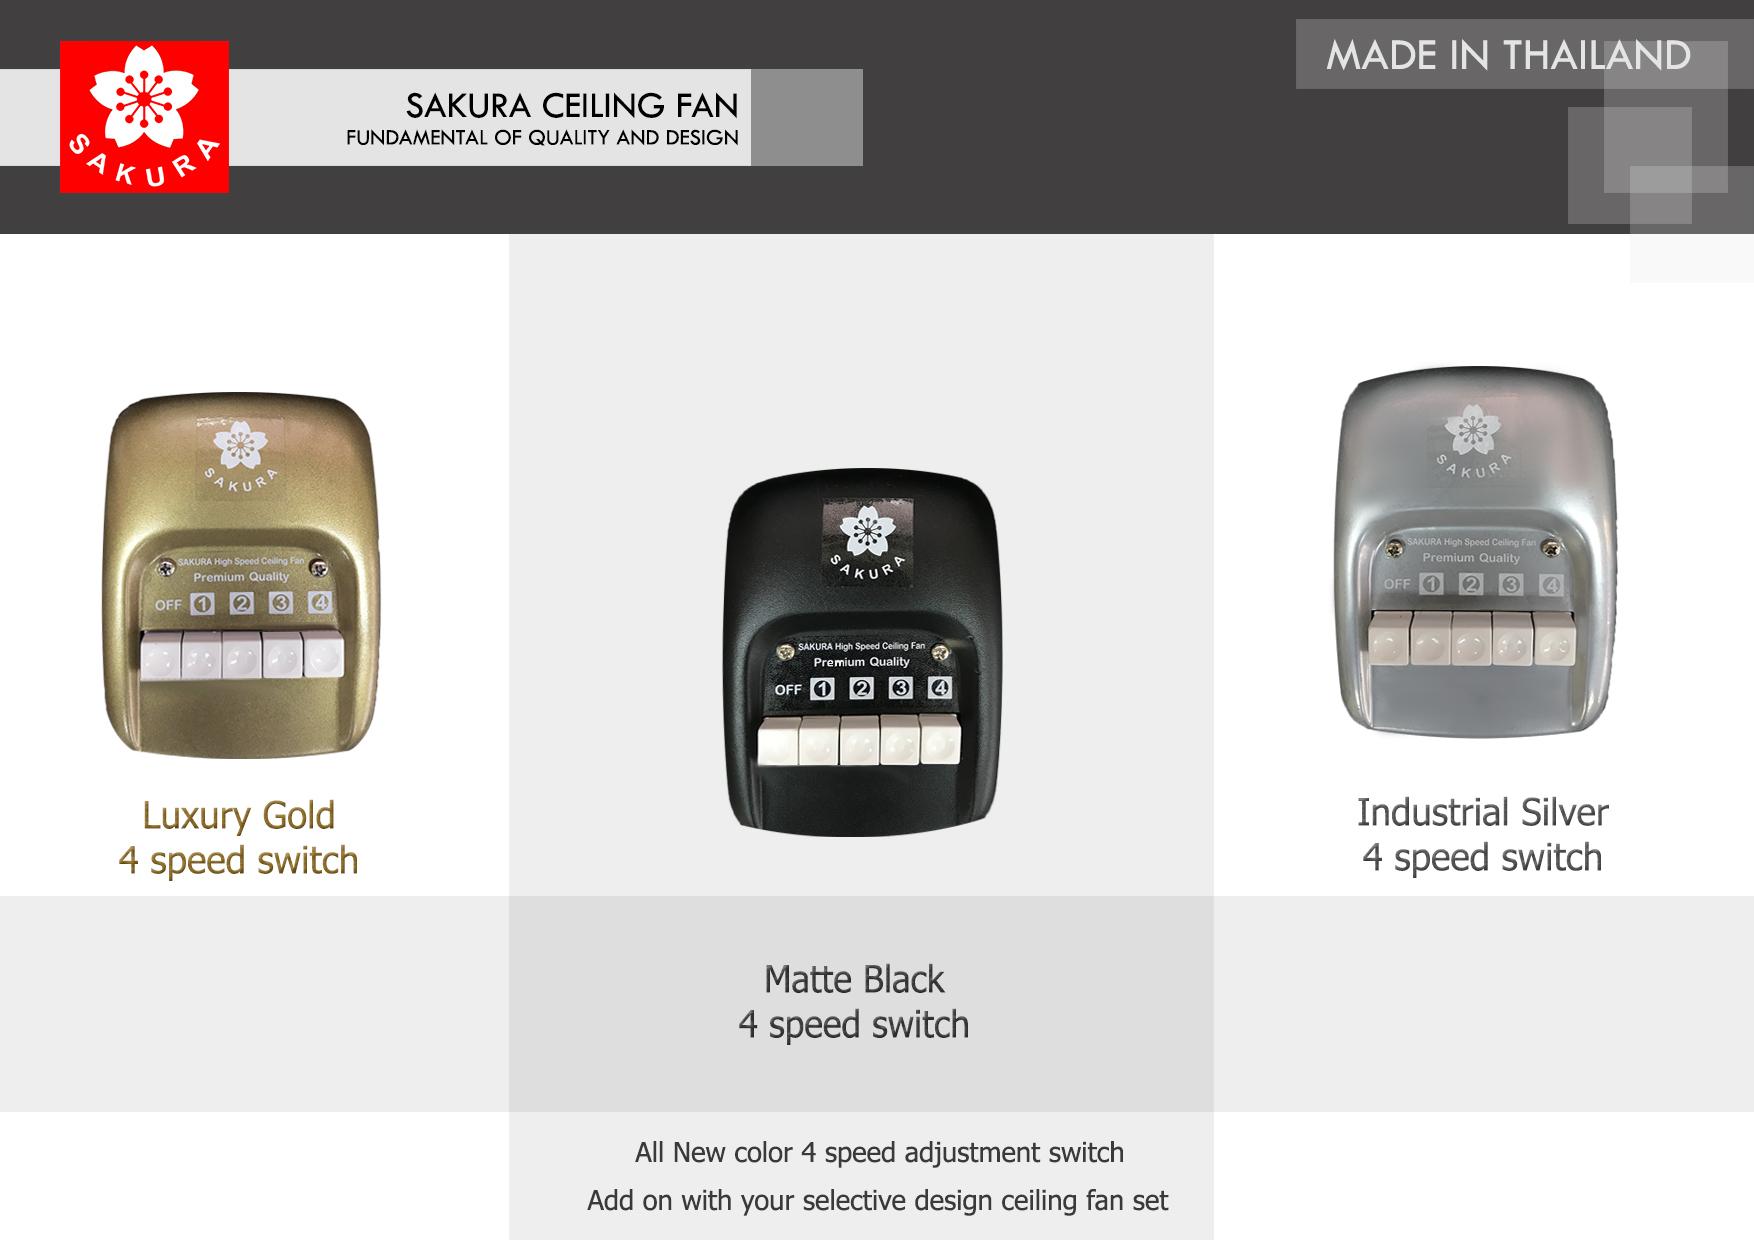 สวิตซ์ เหล็ก พัดลมเพดาน all new matte black Industrial Silver Luxury Gold ปรับระดับแรงลม 4 ระดับ